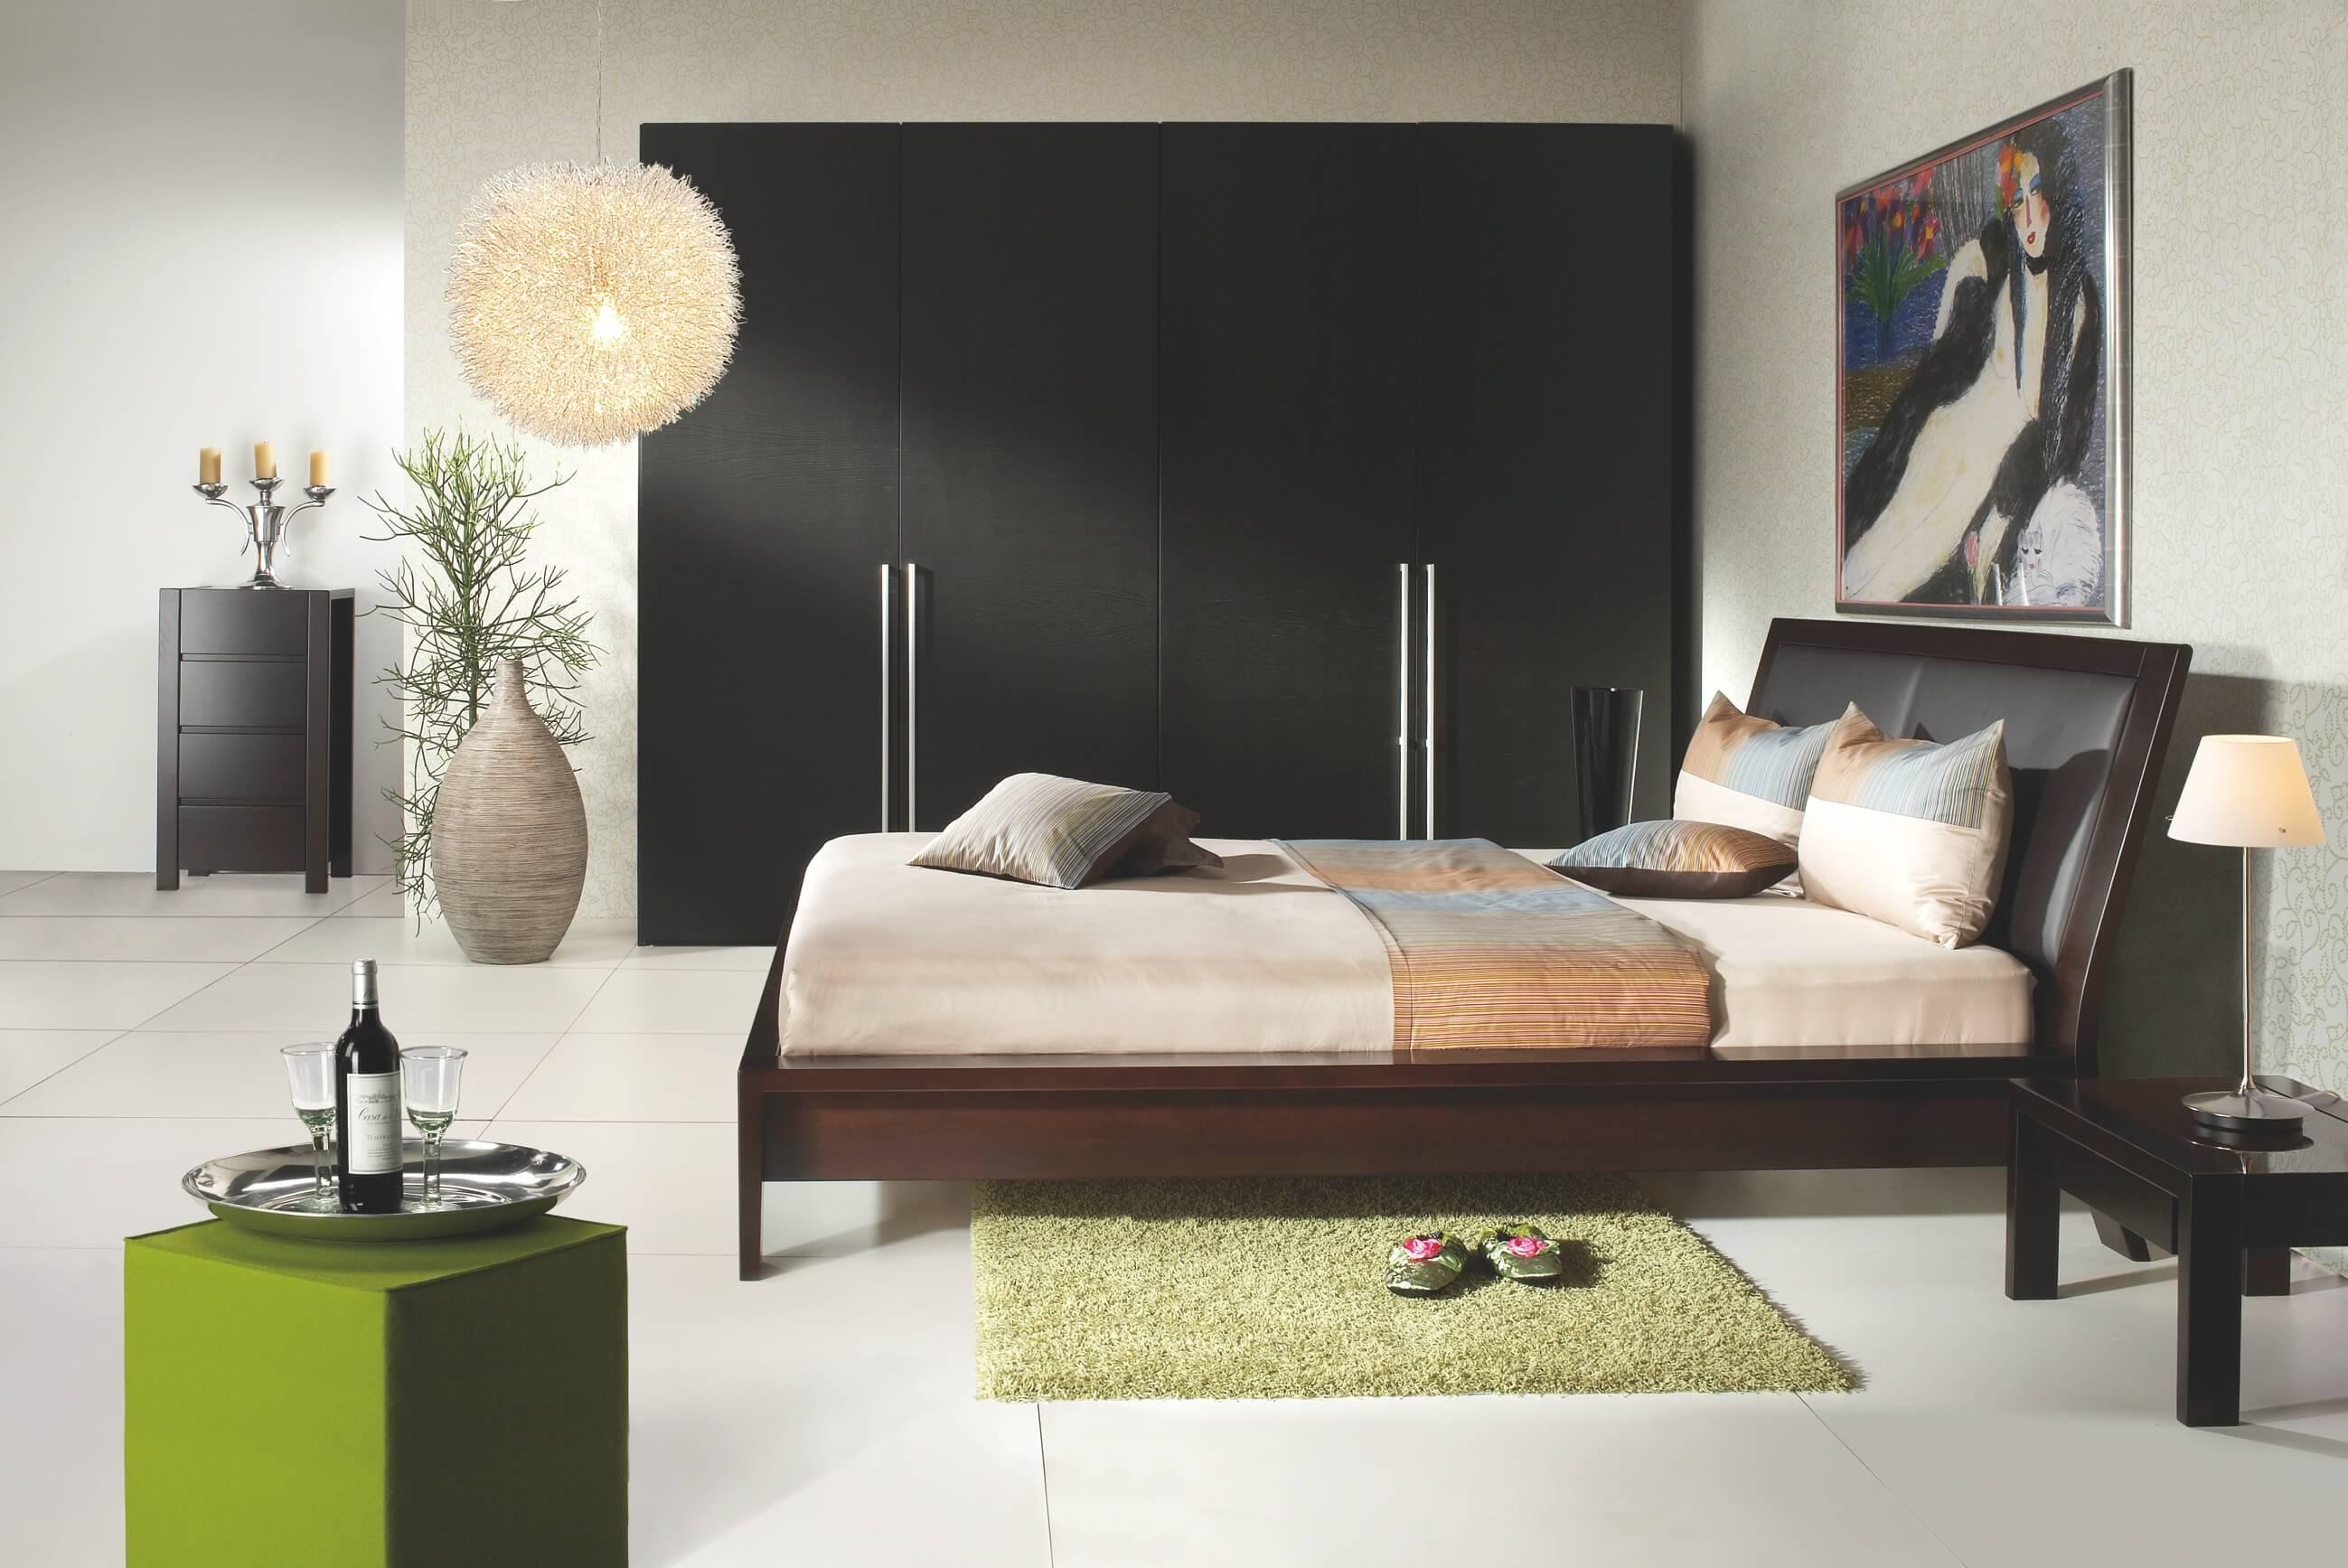 Günstige Betten kaufen